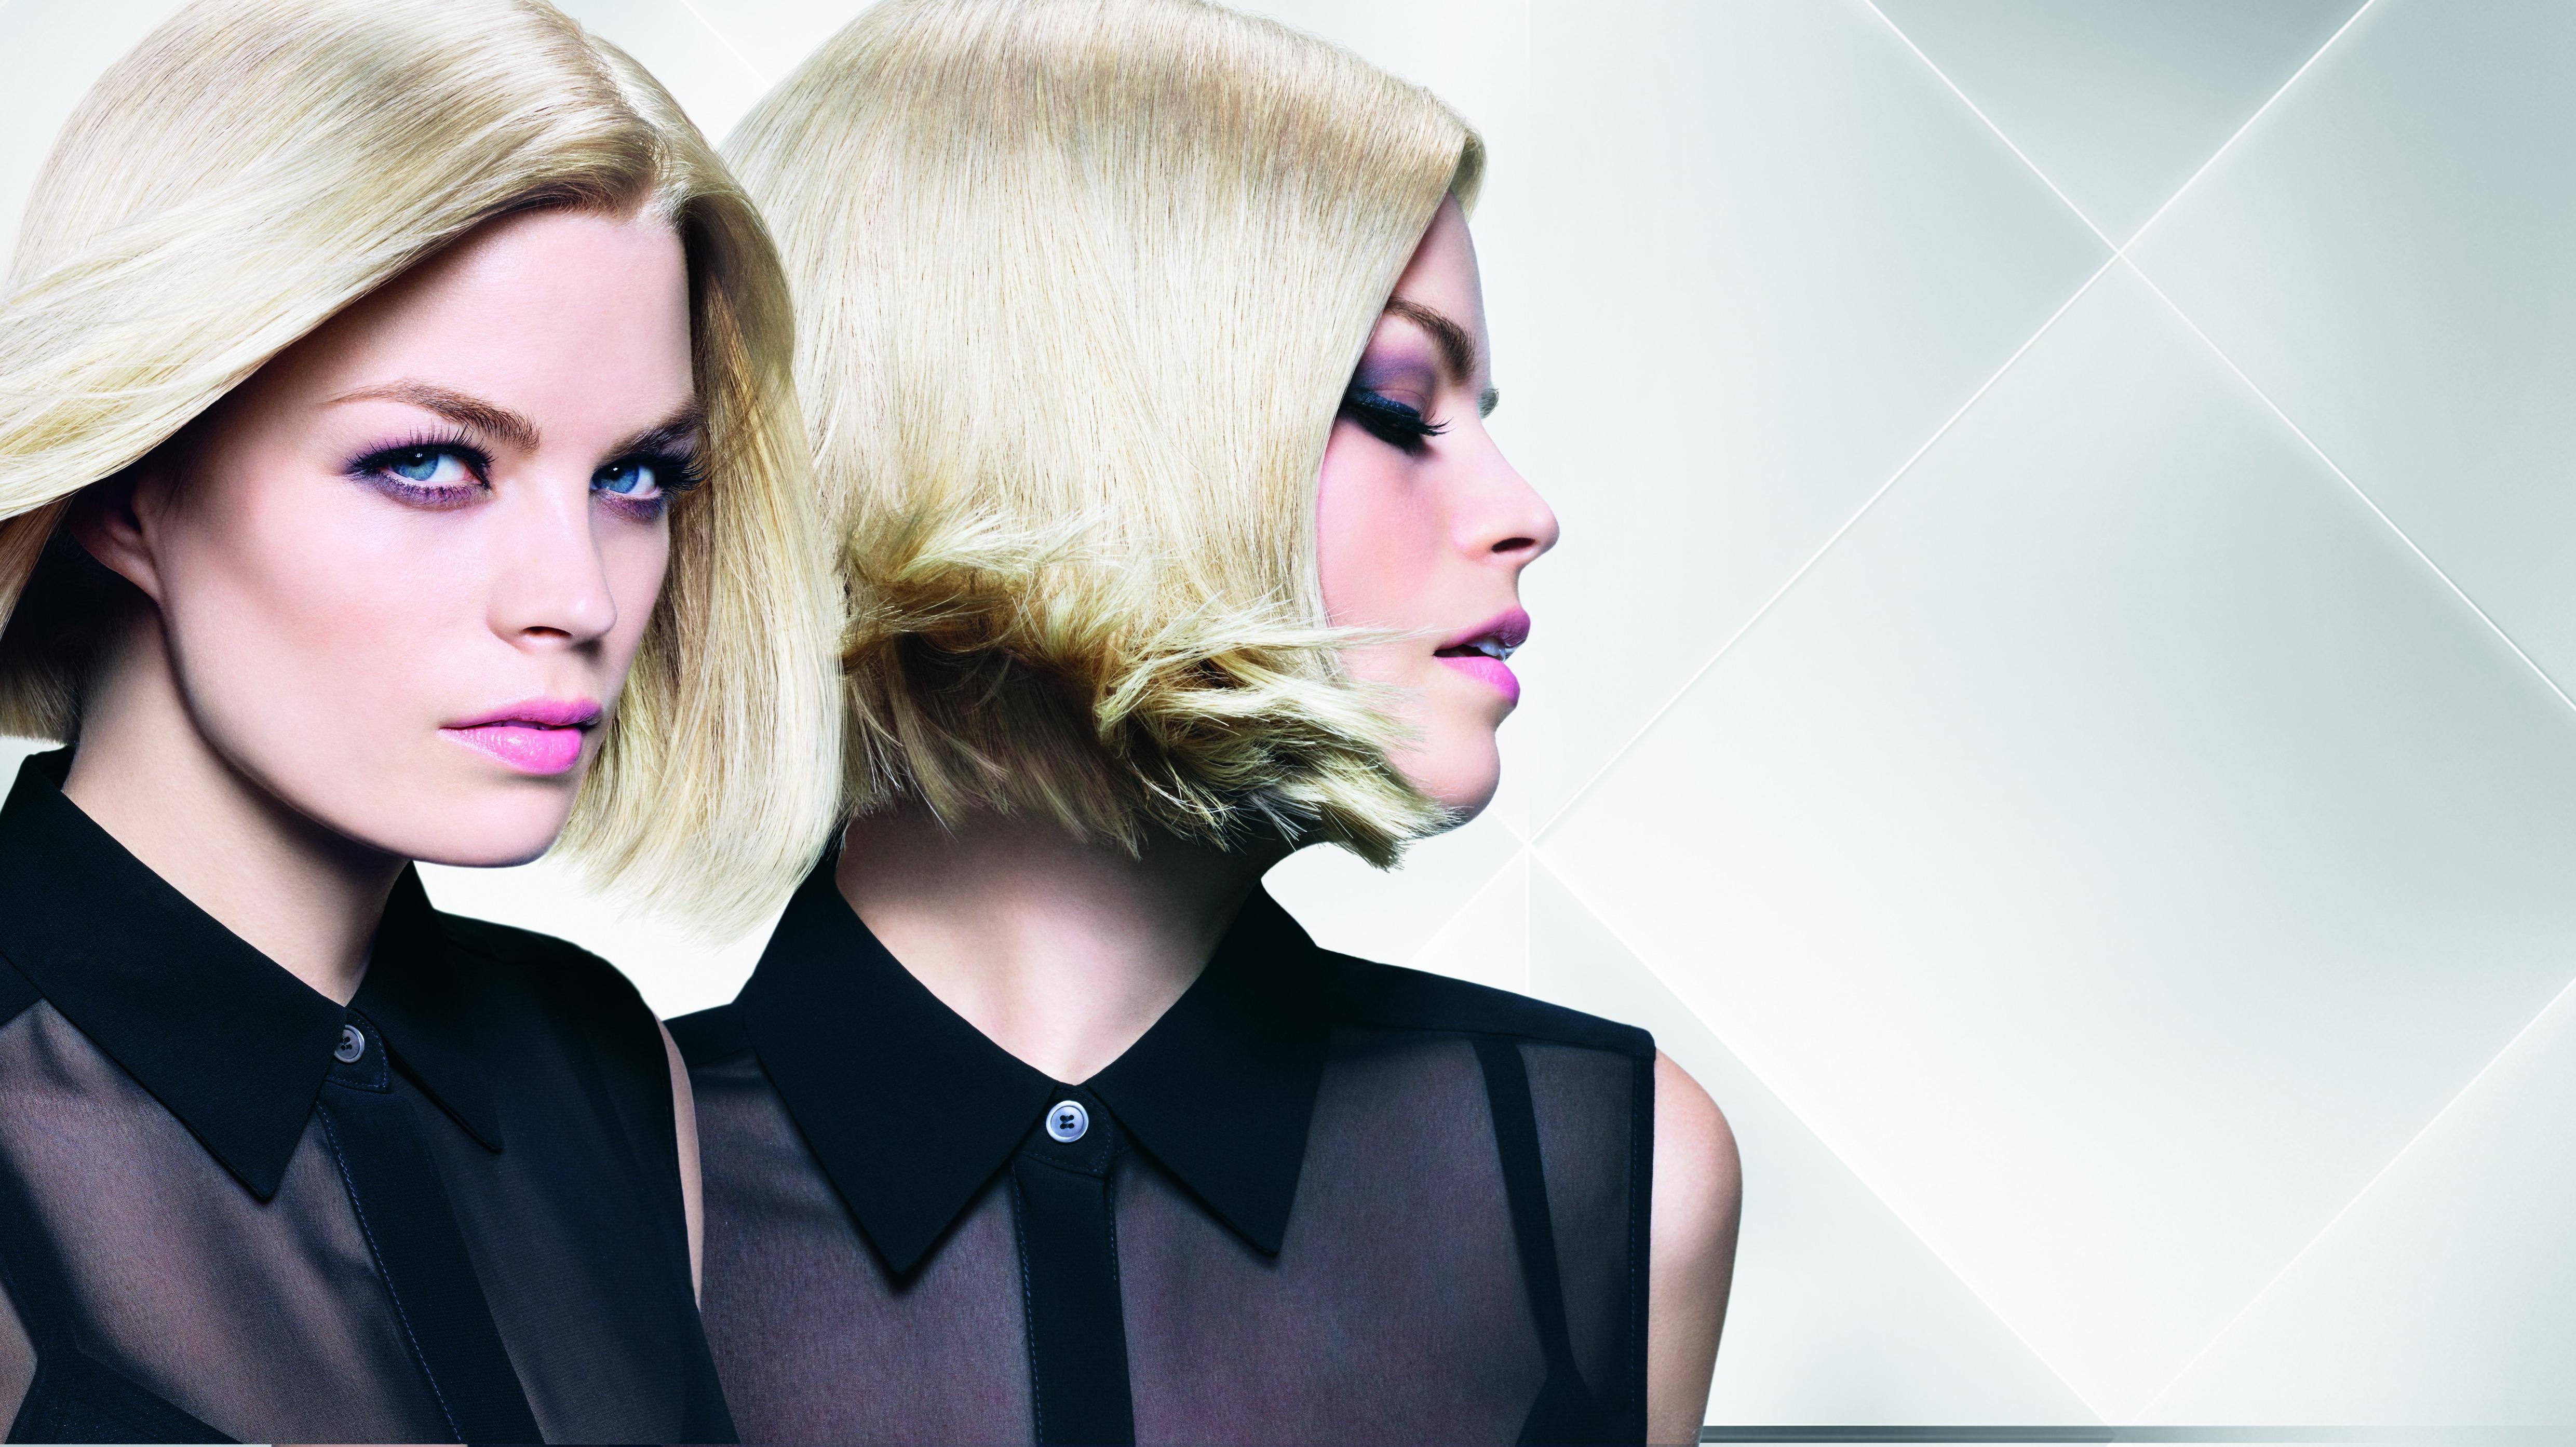 Az első világosító hajfesték Fibre Bond technológiával. Ideális, ha szőke hajra és hideg szőke hajszínre vágysz. Használatával az IGORA Royal eddigi leghidegebb szőke árnyalatai készíthetők el.